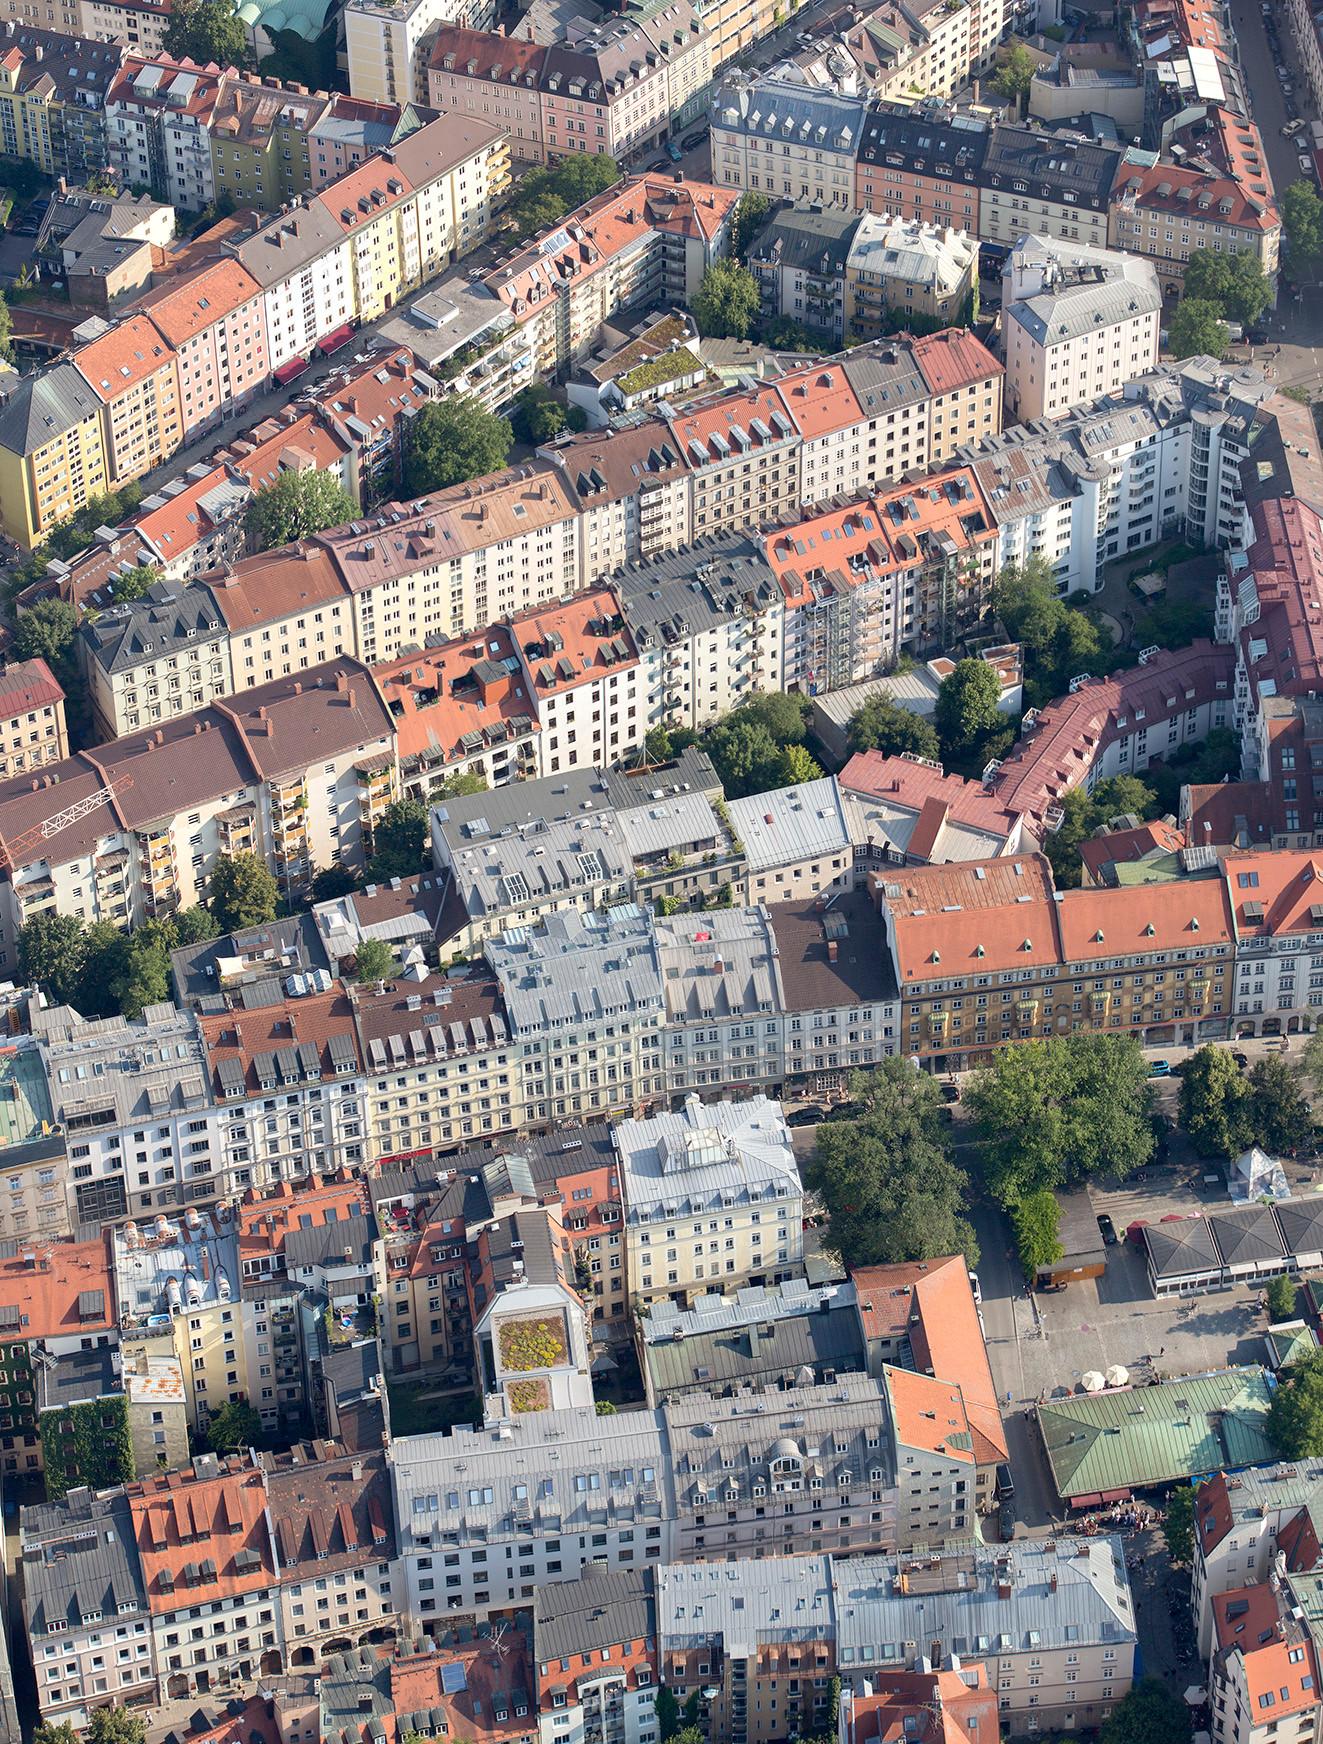 Glockenbachviertel, Viktualienmarkt